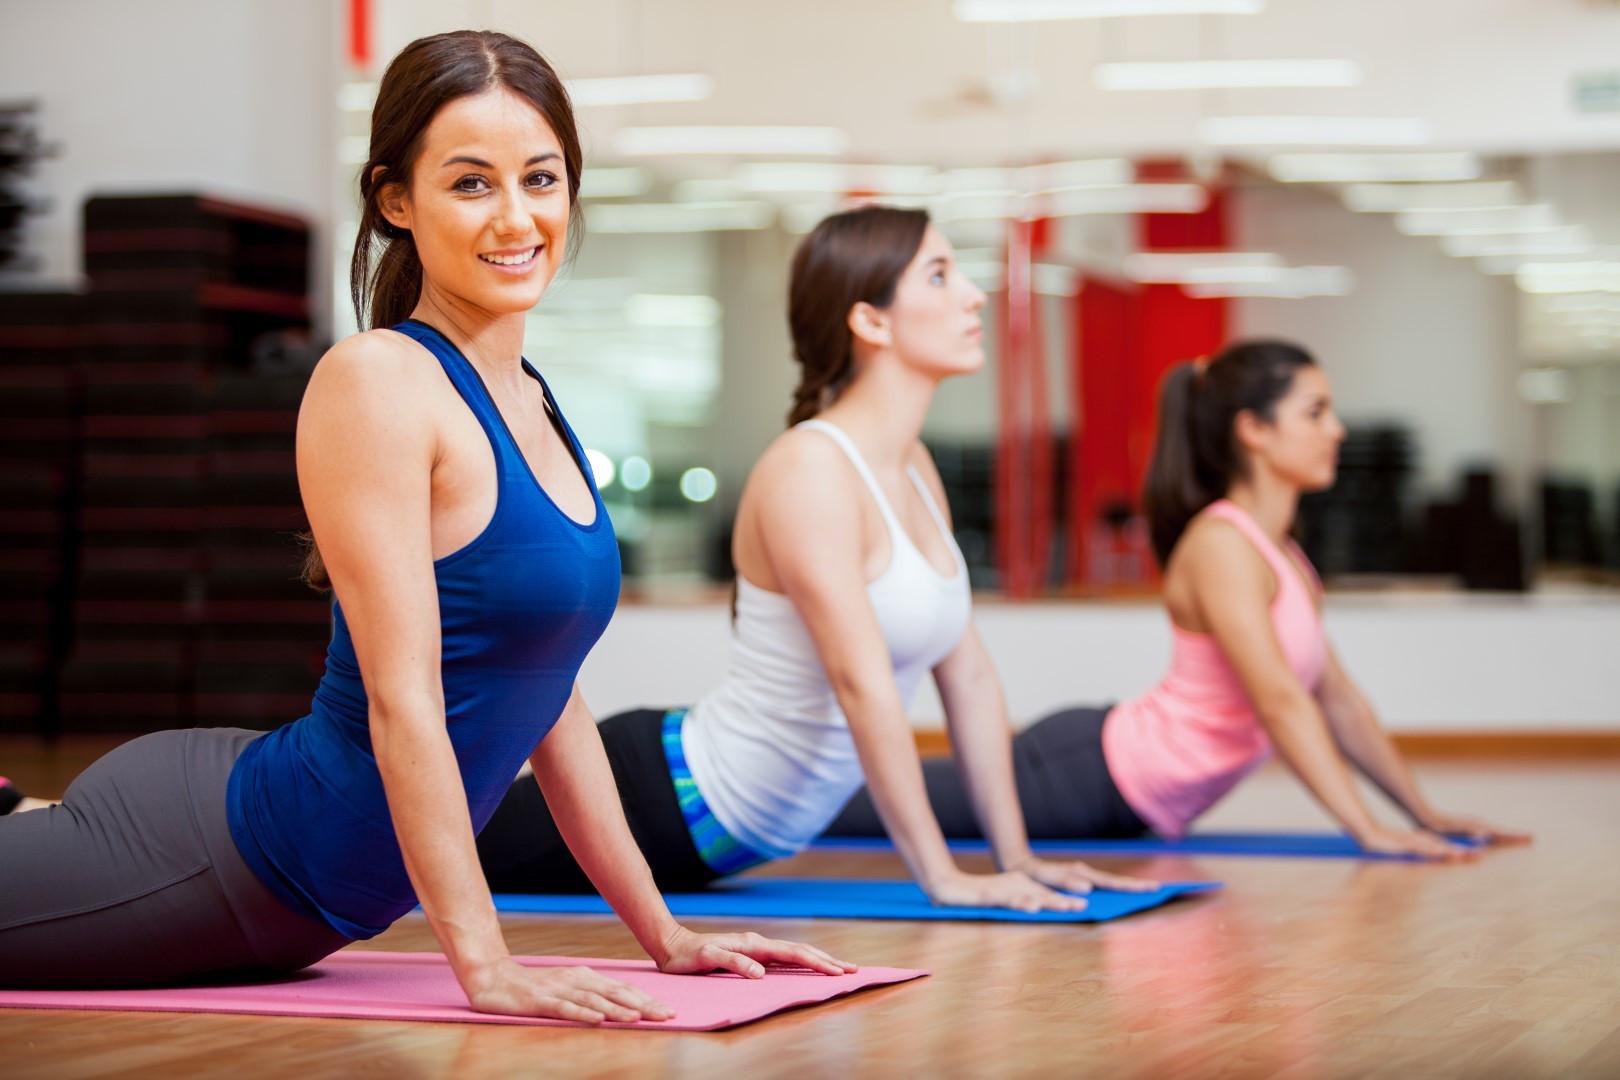 Йога Влияет На Похудение. Йога для похудения за 3 простых шага: быстрый результат